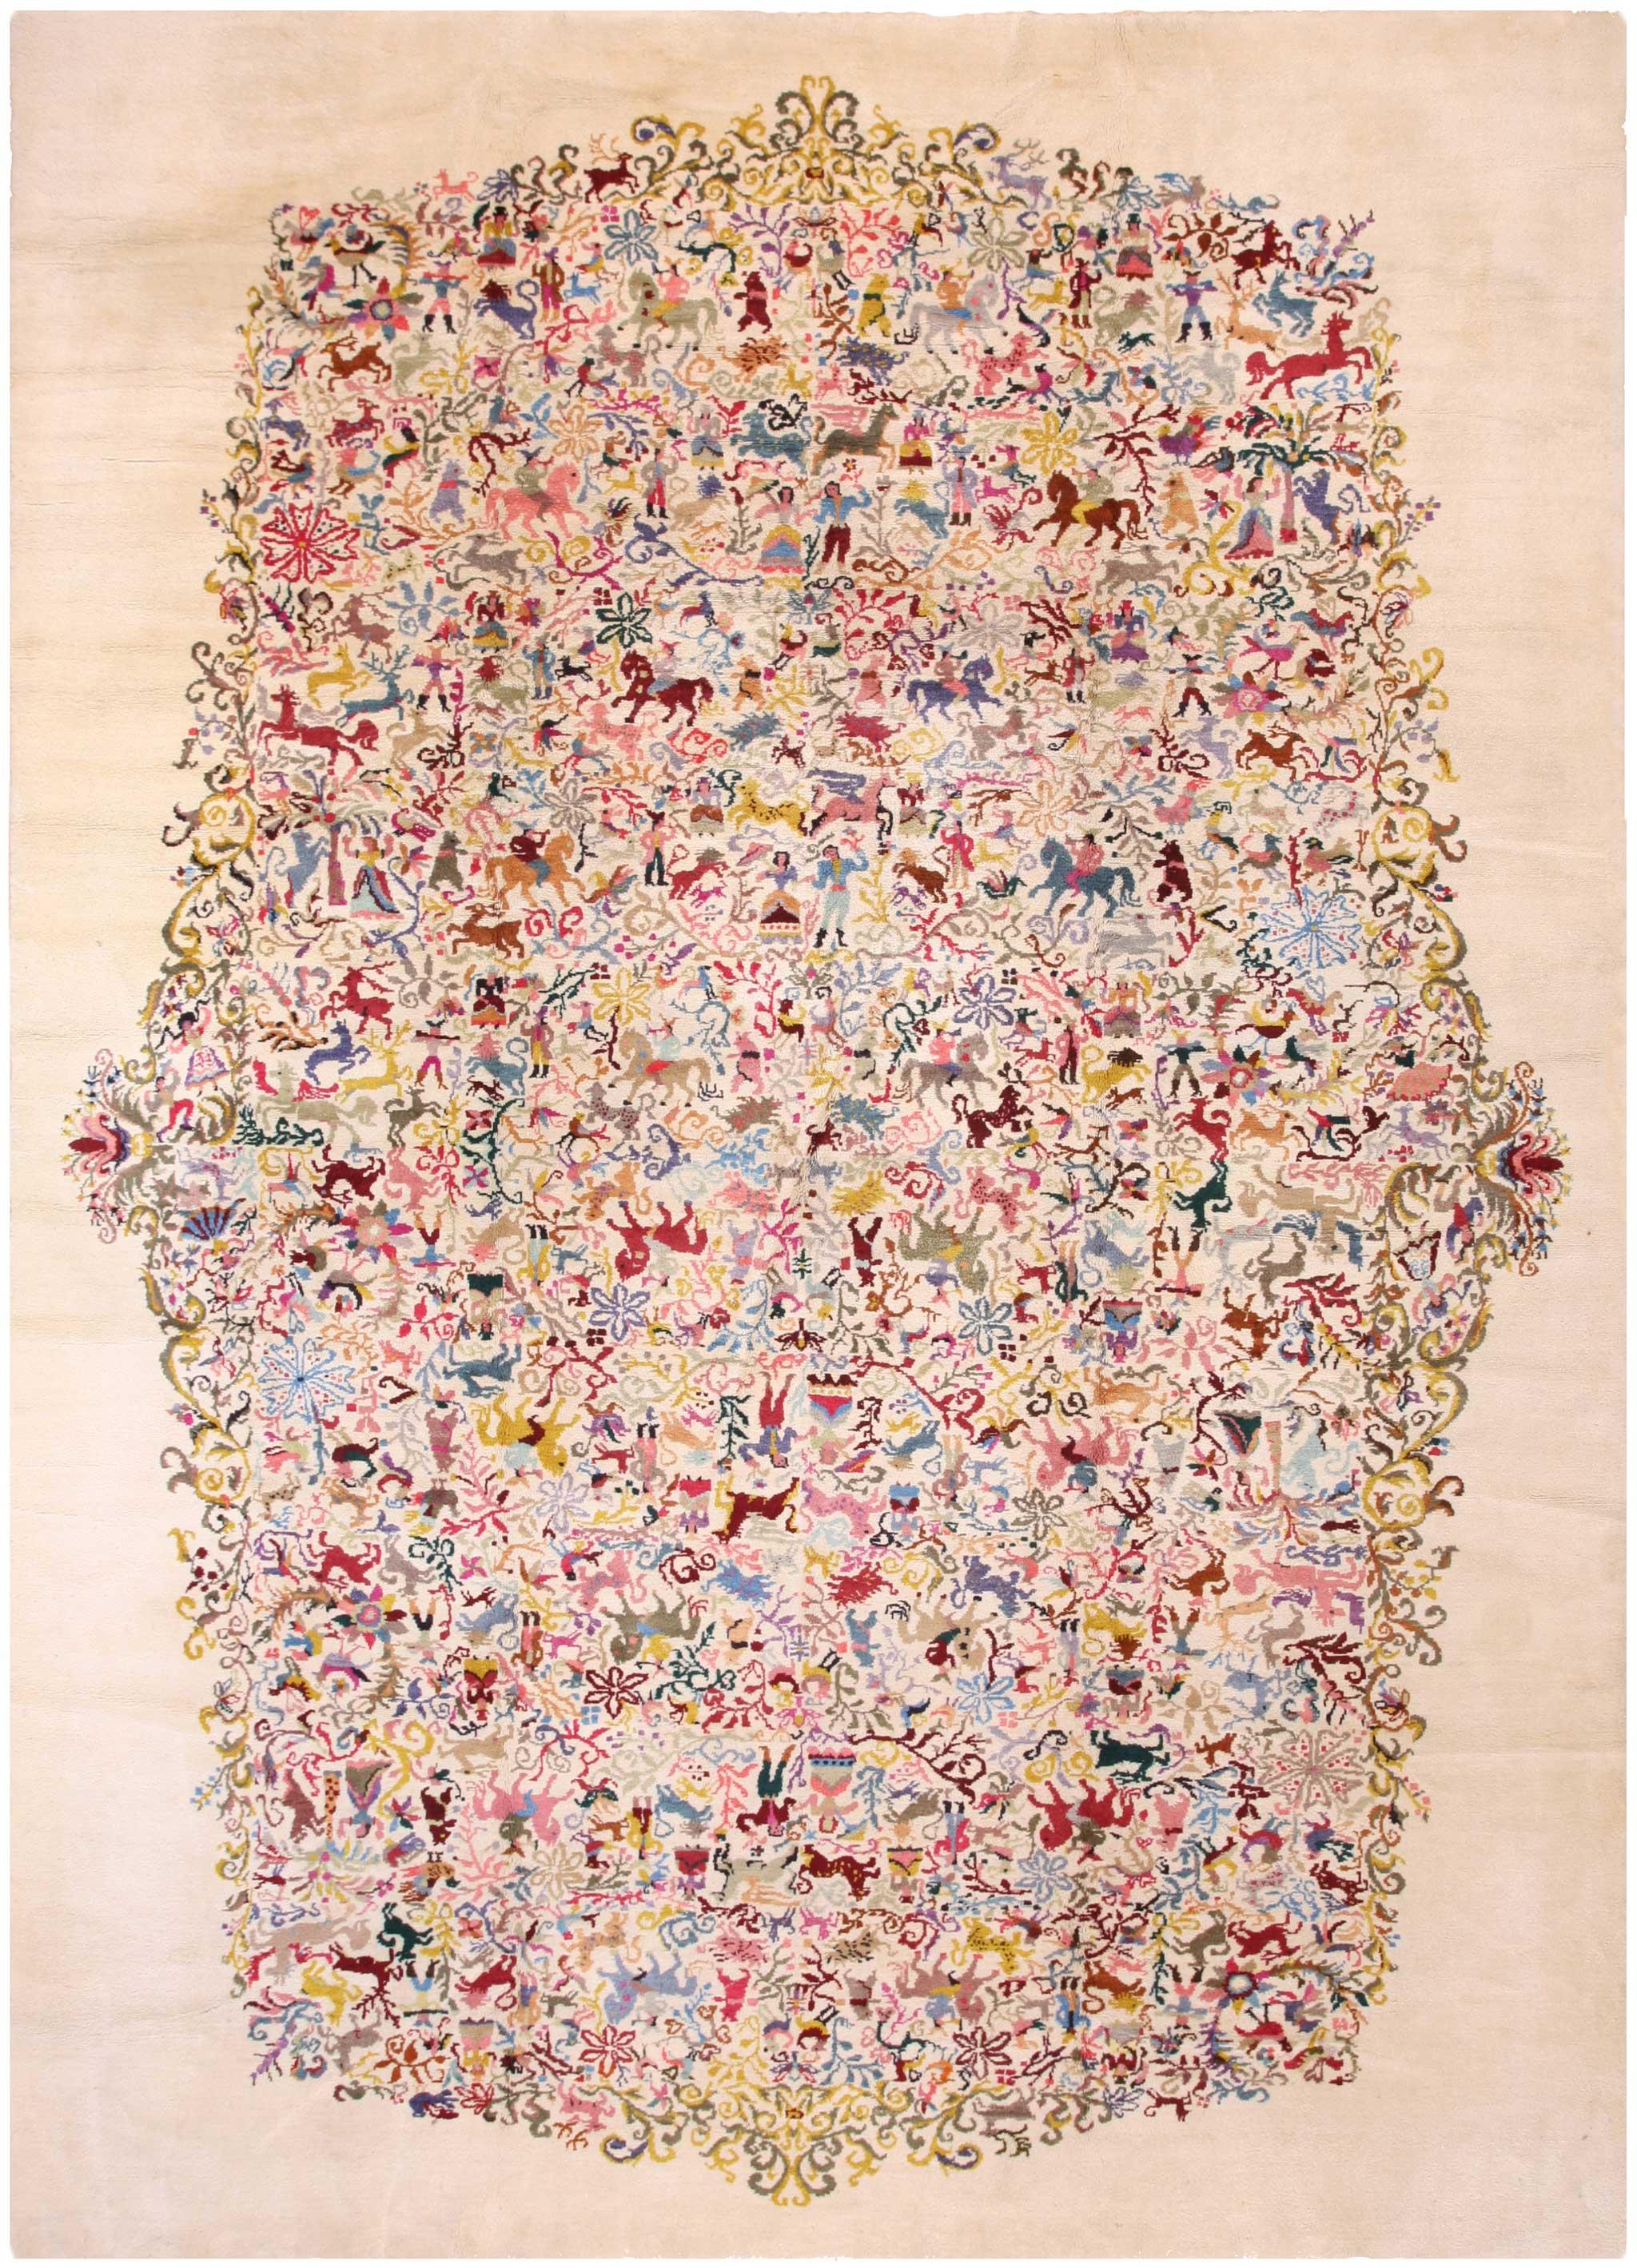 Original Olga Fisch designed 'Caceria' carpet 457CM x 325CM (15.0' x 10.8'). Ecuadorian wool on cotton, Turkish knot, Ecuador. | Image courtesy of Rahmanan Antique Decorative Rugs.